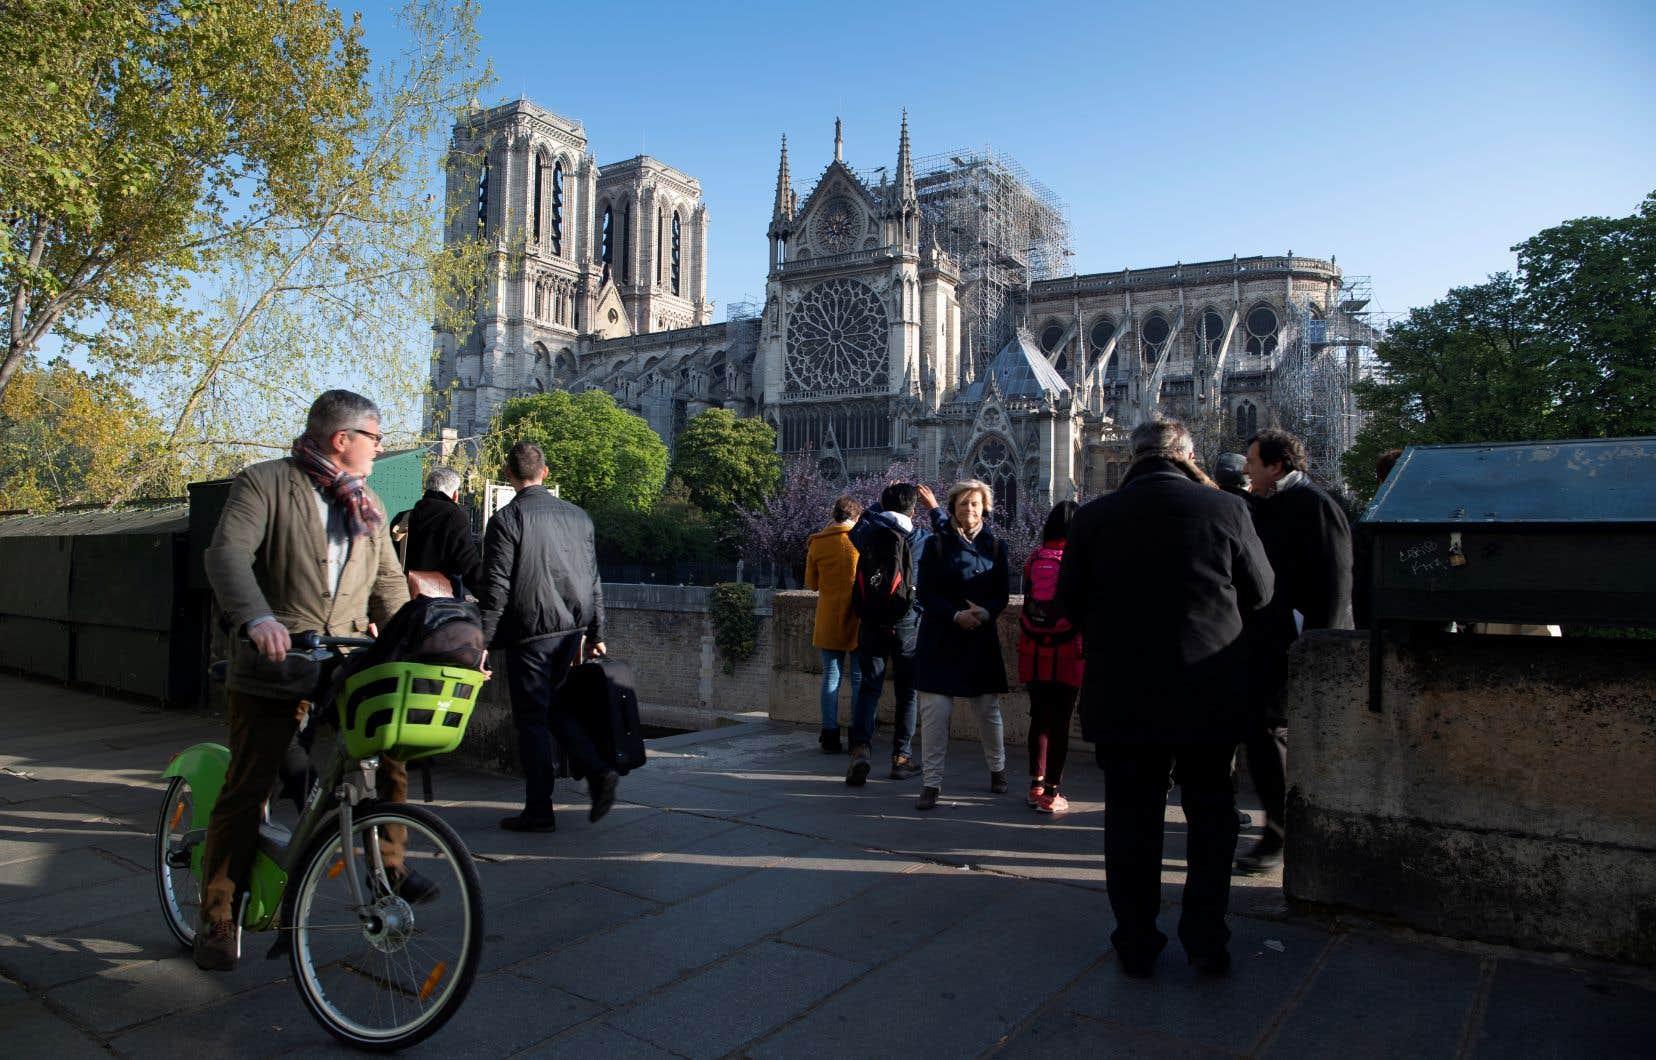 L'incendie de la cathédrale Notre-Dame de Paris a provoqué une vive émotion en France, mais aussi partout sur le globe.